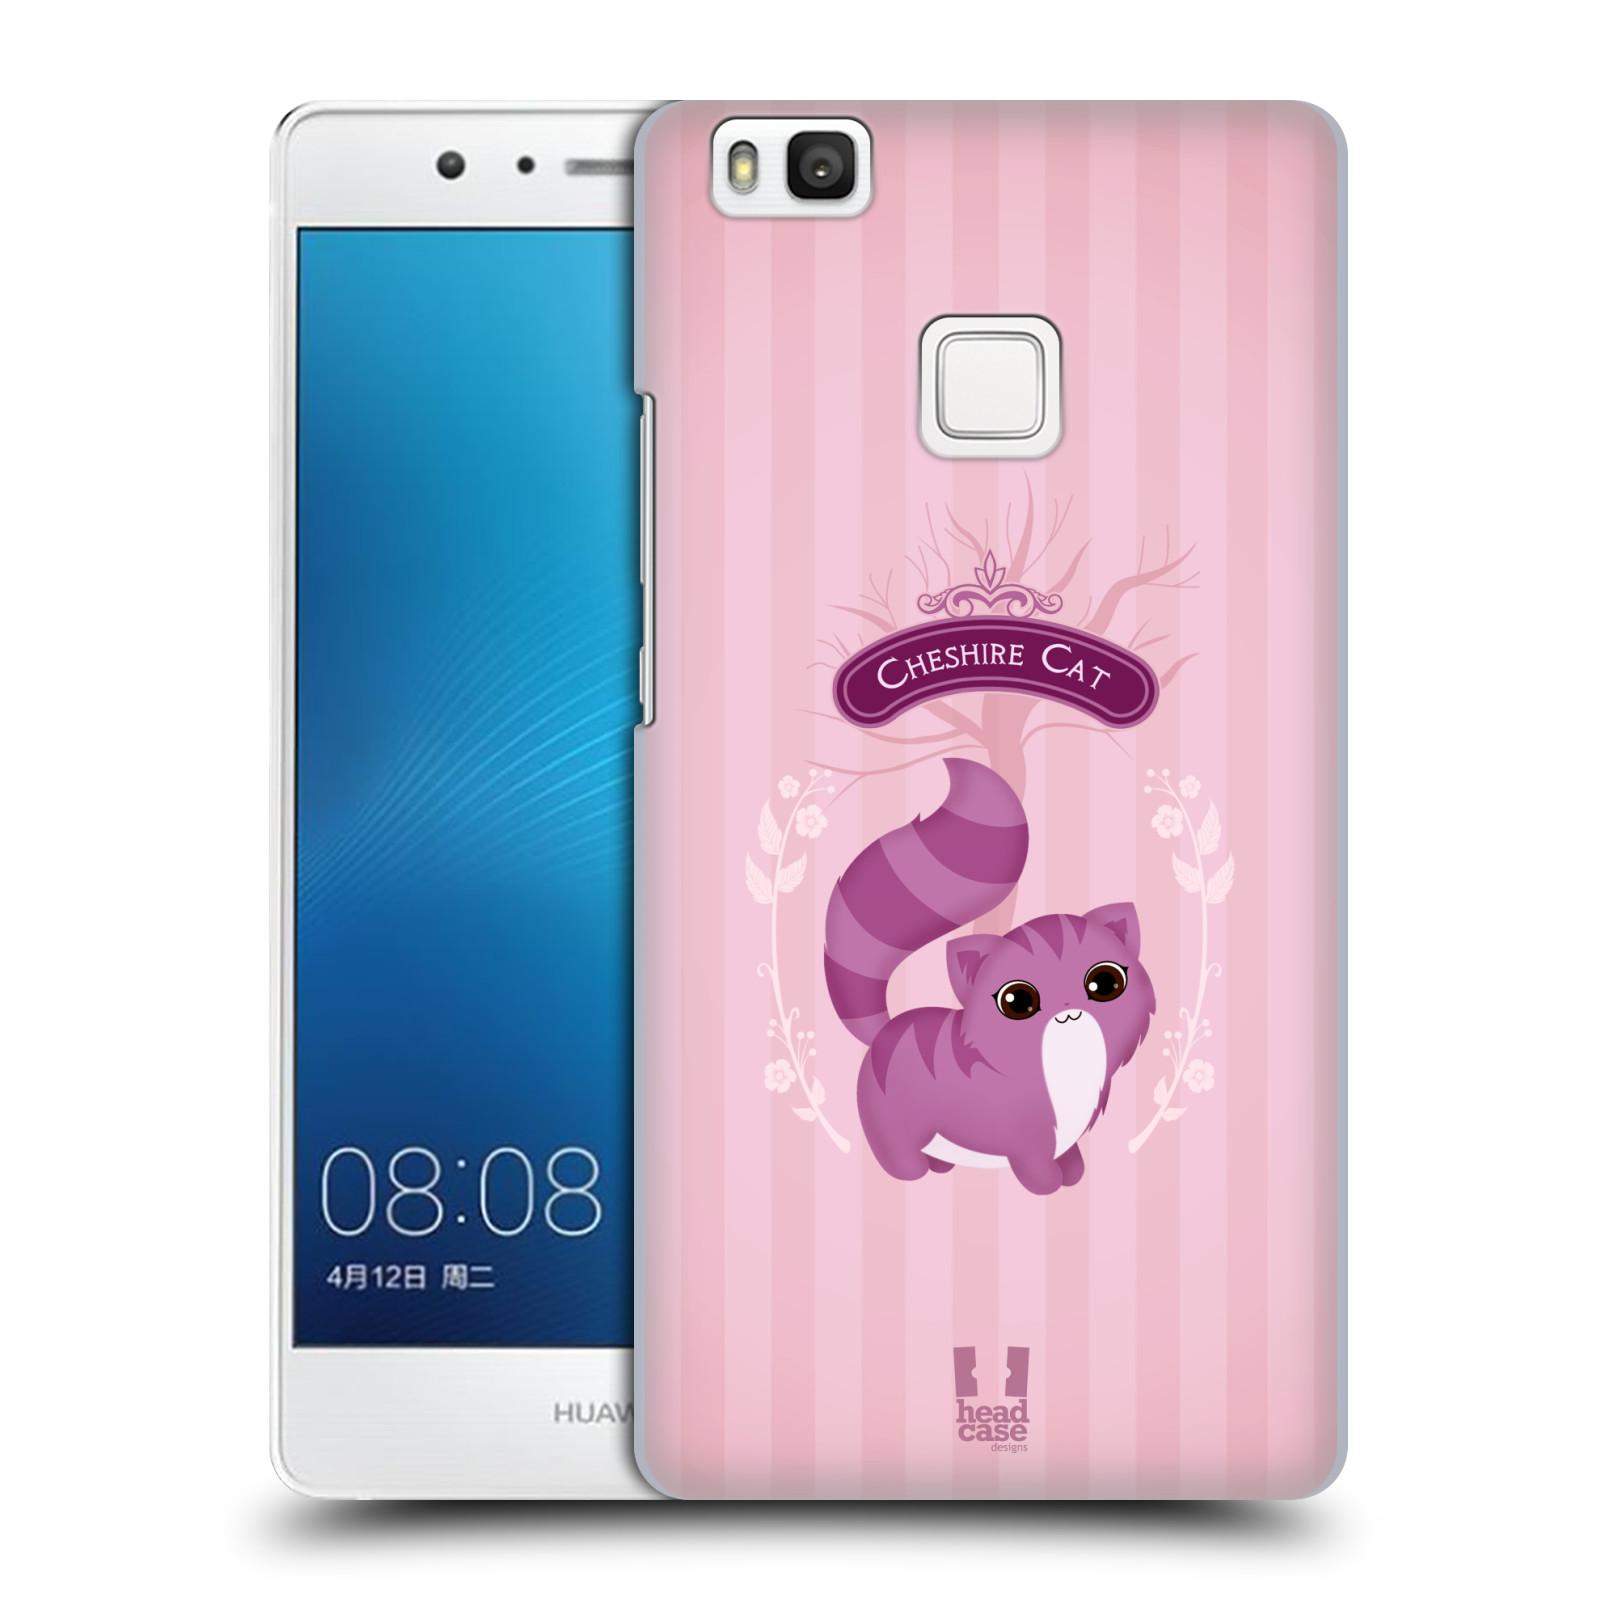 HEAD CASE plastový obal na mobil Huawei P9 LITE / P9 LITE DUAL SIM vzor Alenka v říši divů kočička